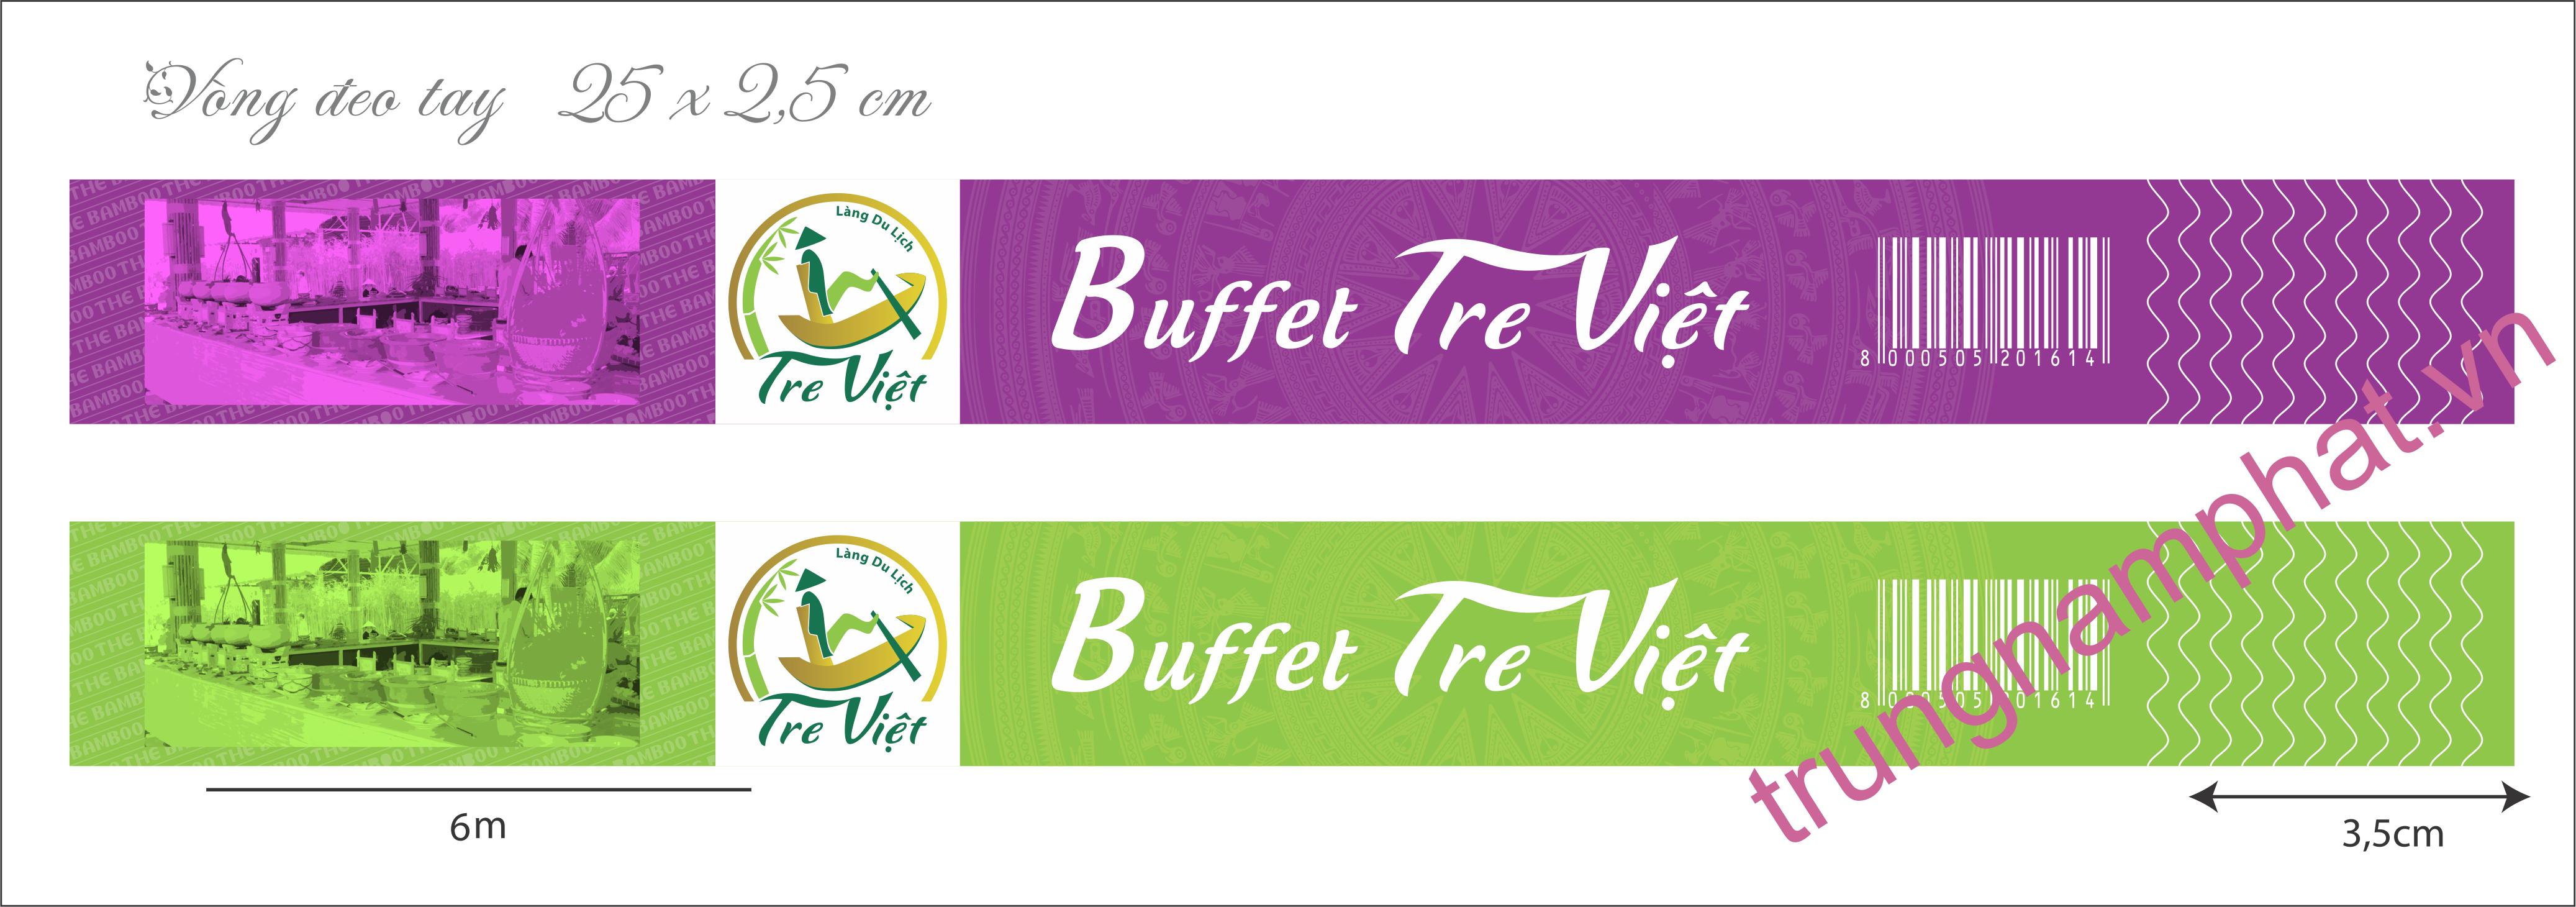 vong-tay-giay-buffet-tre-viet